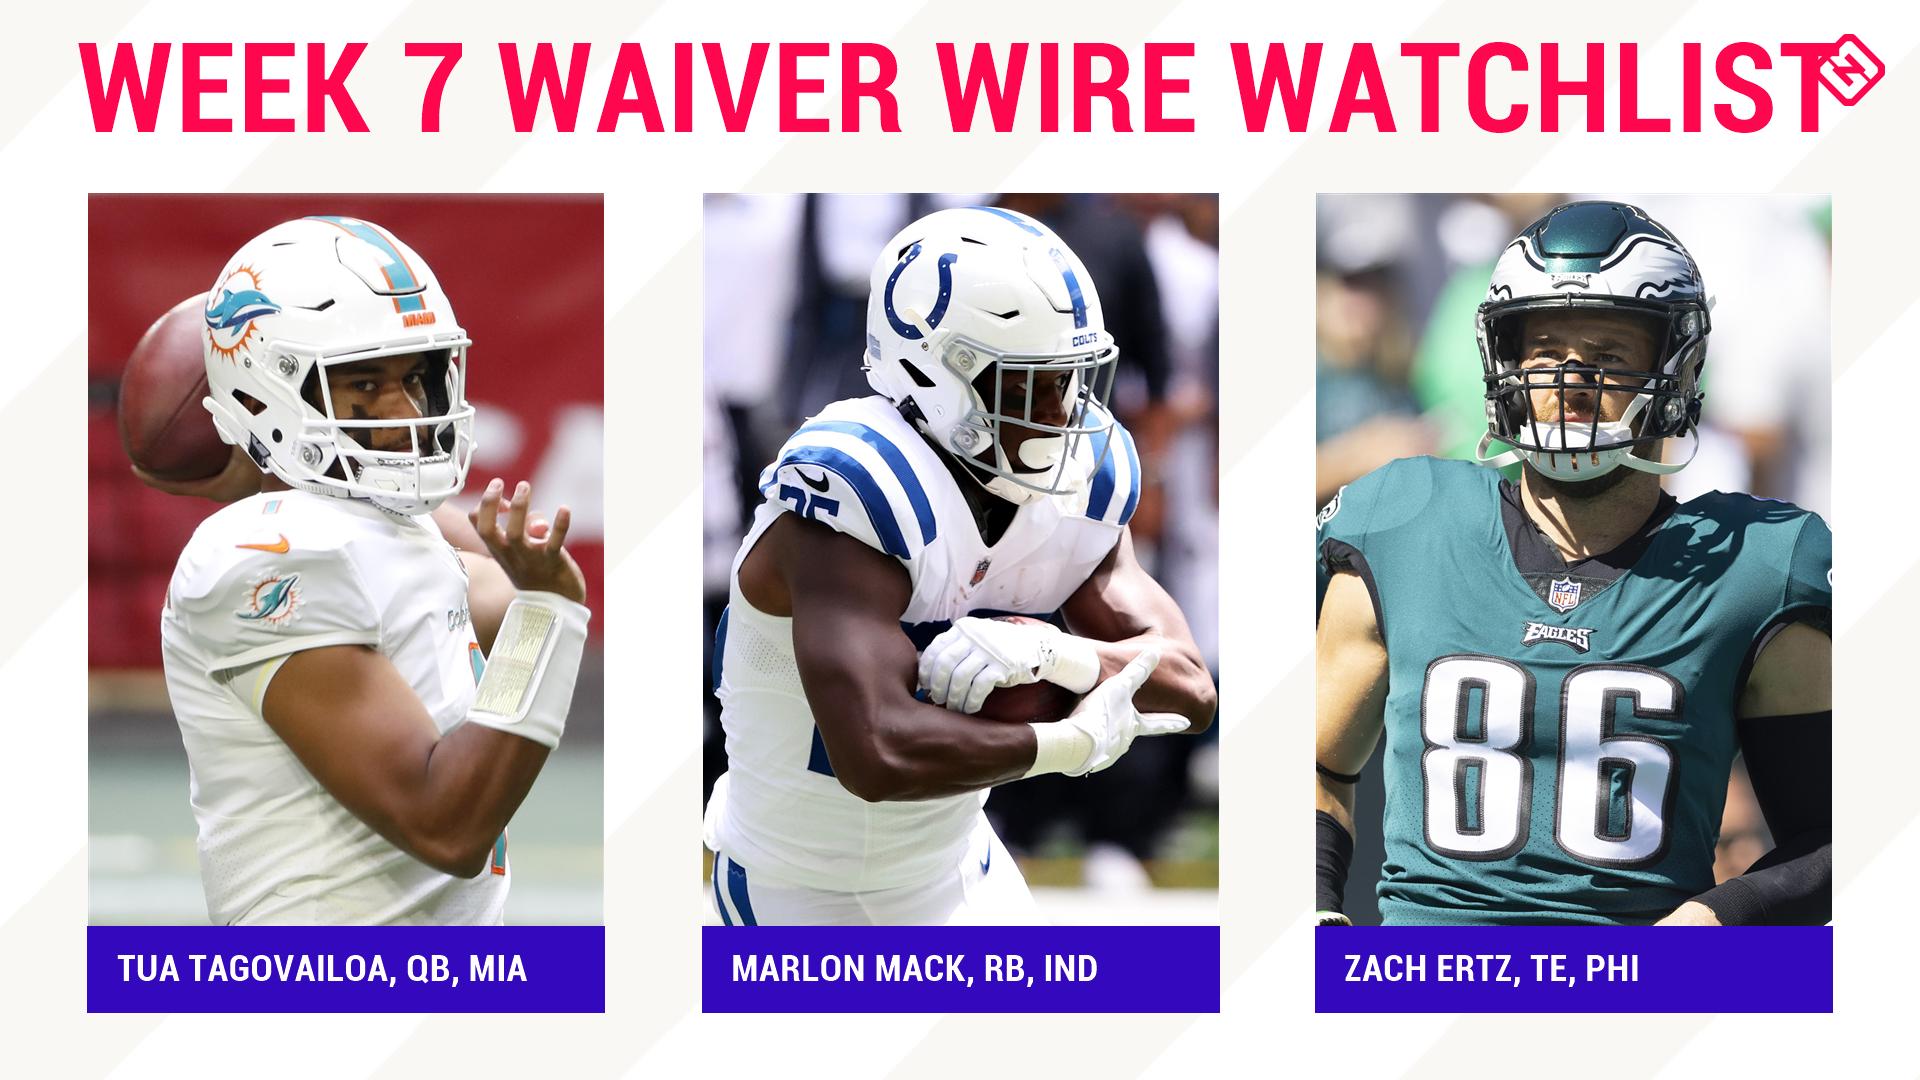 week 7 waiver wire watchlist 1rs5vhycvfojezs5gpze0khgh